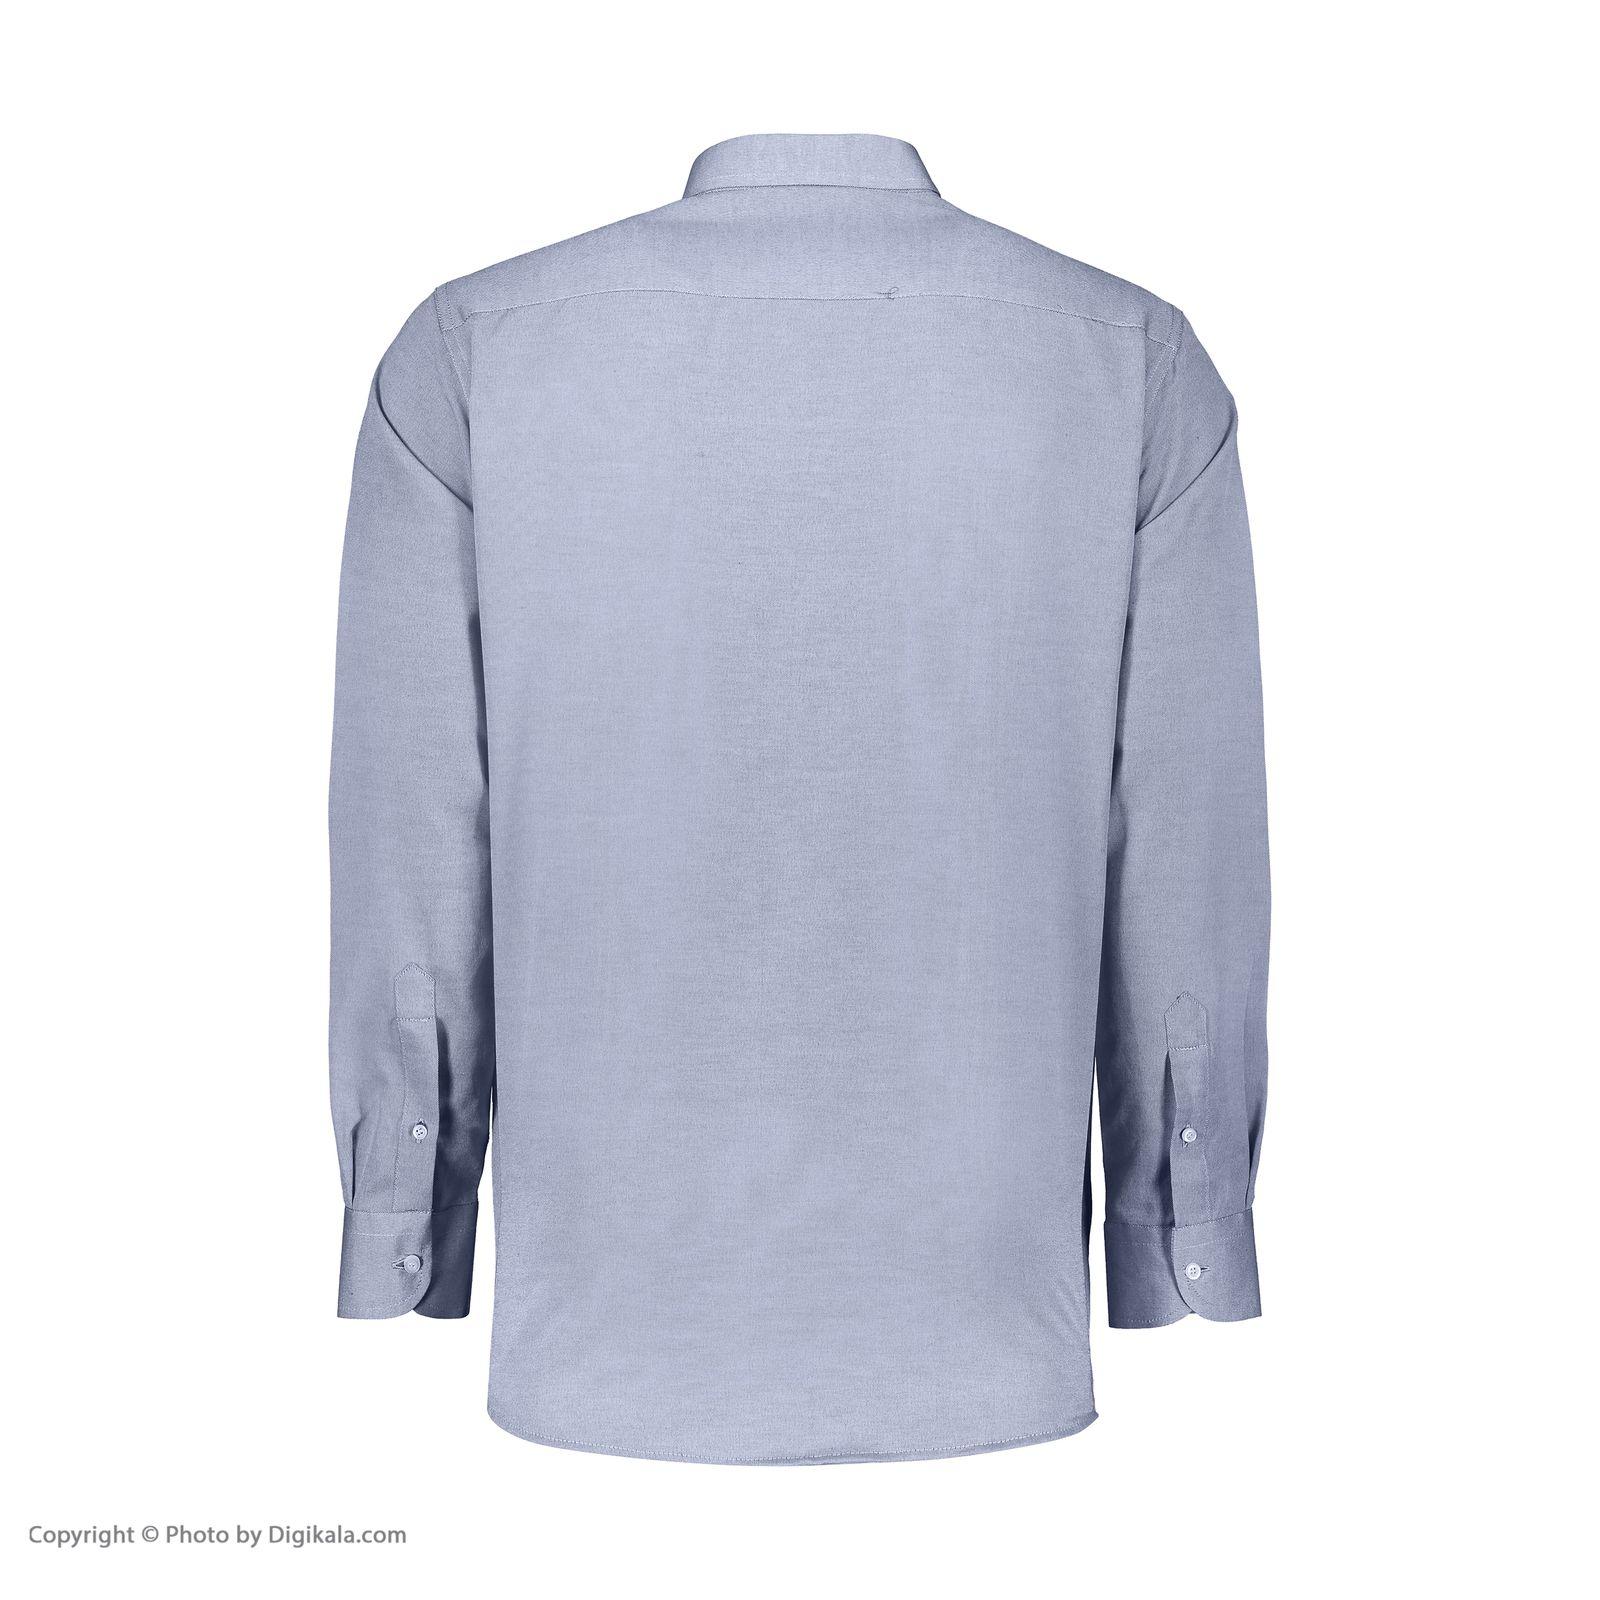 پیراهن مردانه زی مدل 153118650 -  - 4